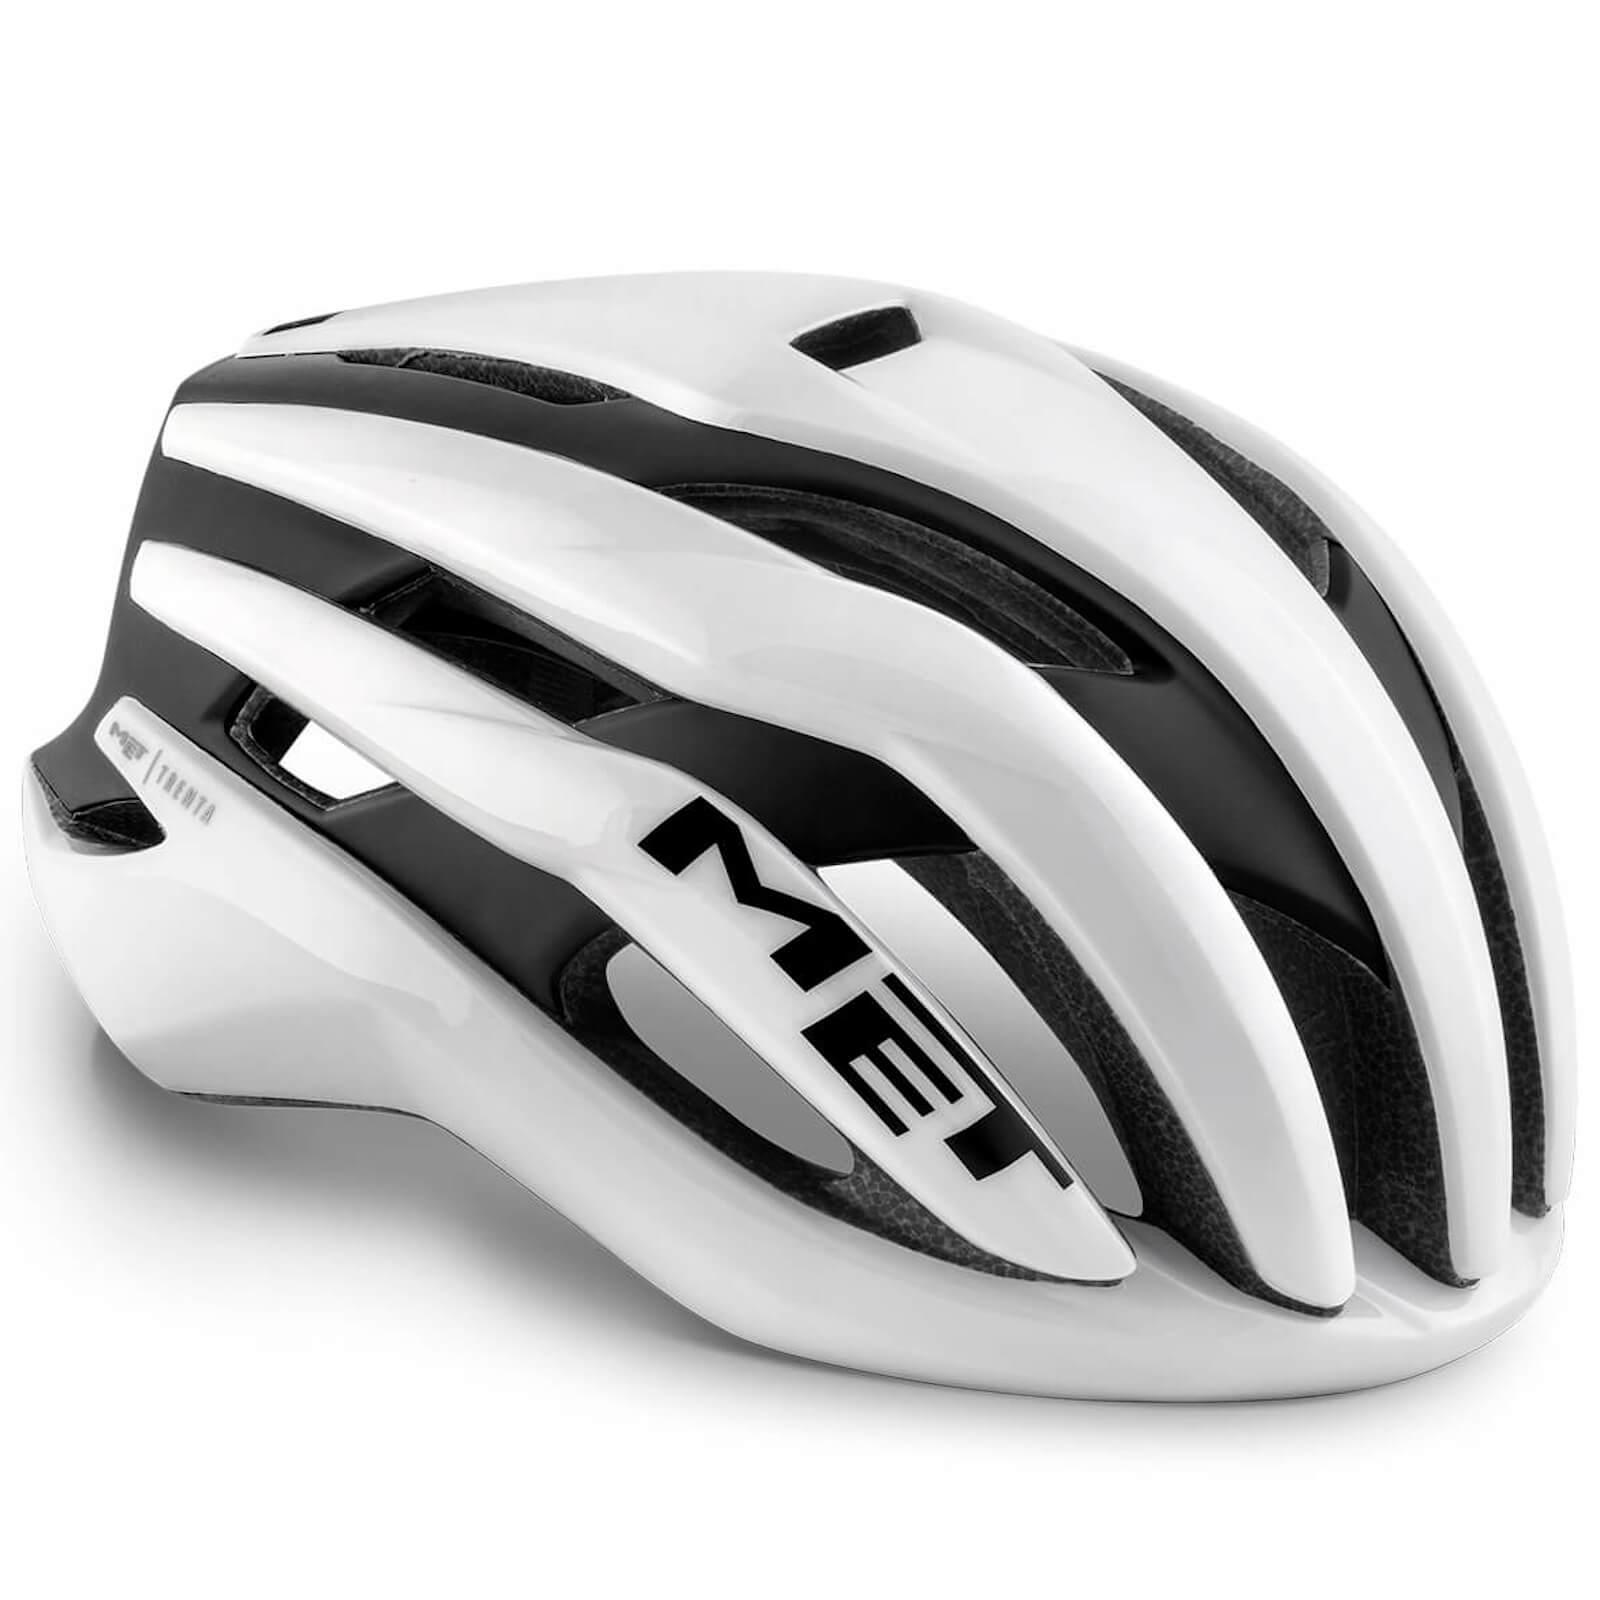 MET Trenta MIPS Road Helmet - S/52-56cm - White Black